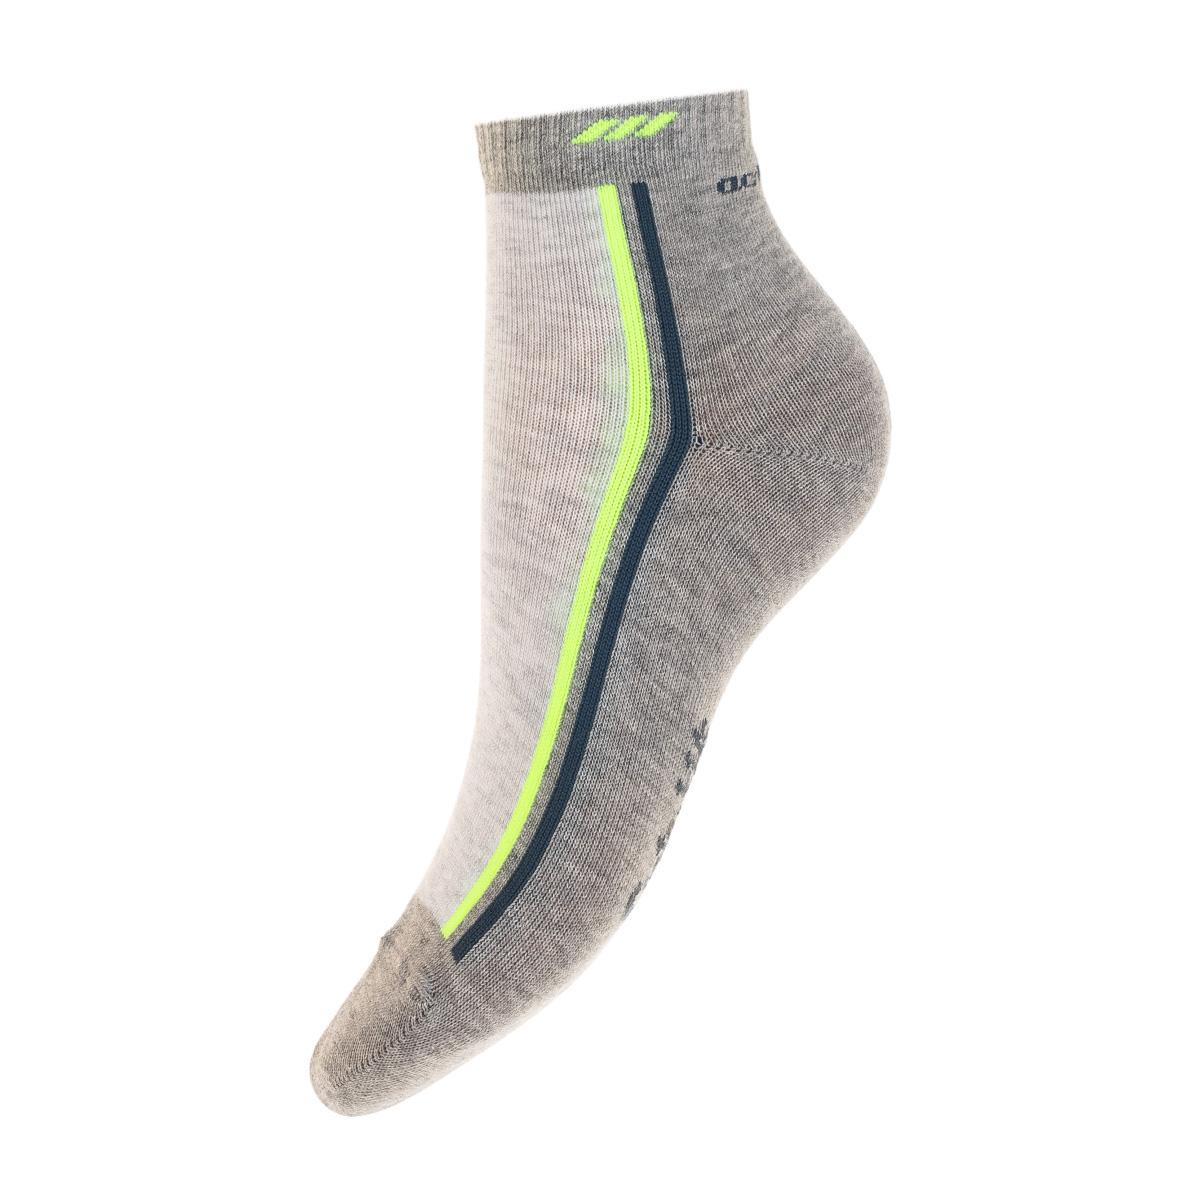 13420-236Удобные носочки для мальчика Conte-Kids Active, изготовленные из высококачественного комбинированного материала, очень мягкие и приятные на ощупь, позволяют коже дышать. Модель оформлена эластичной резинкой в паголенке, которая плотно облегает ногу, обеспечивая комфорт и удобство.